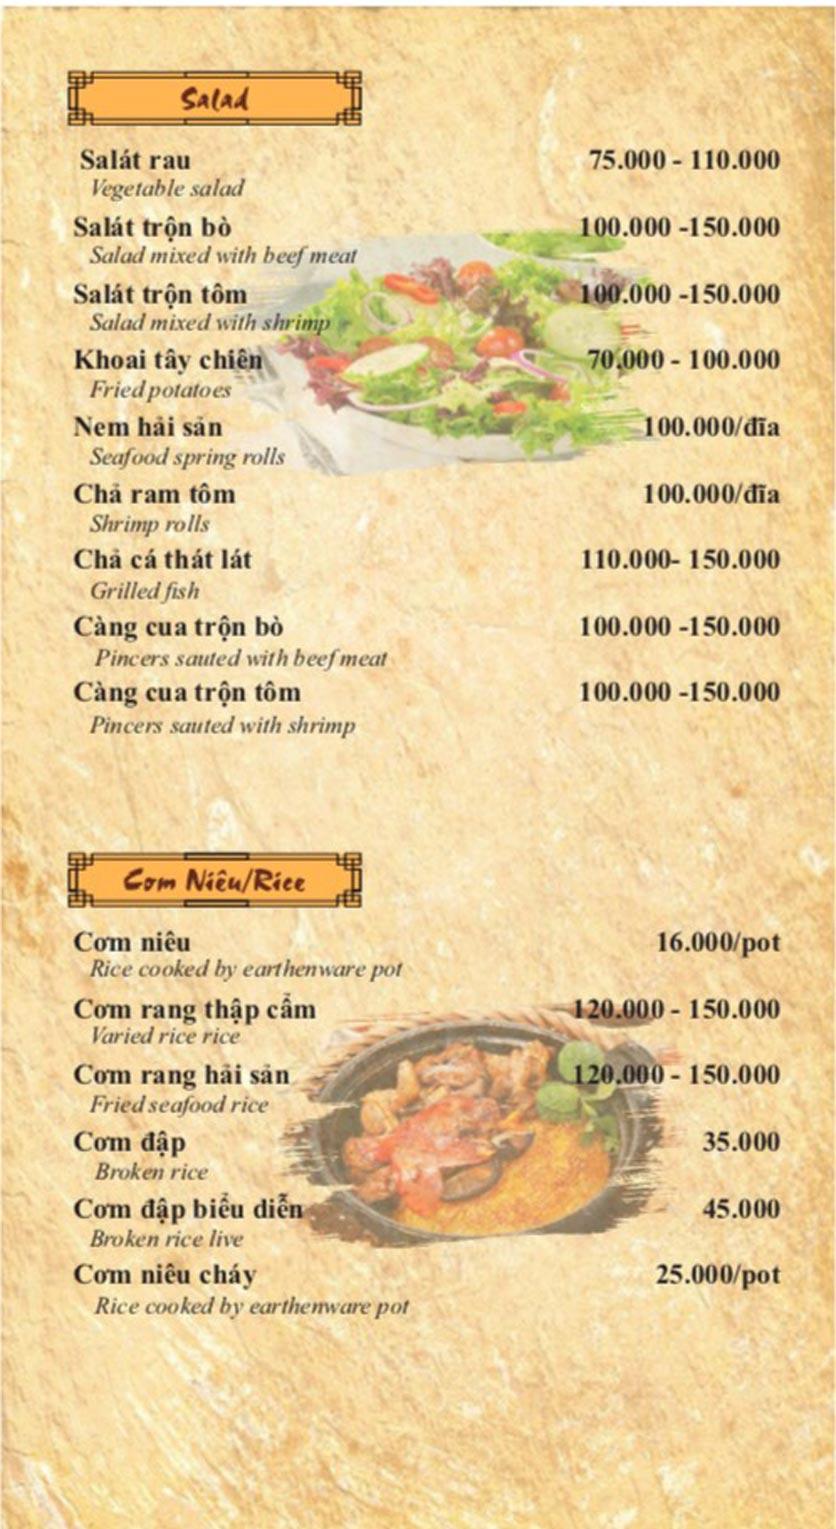 Menu Cơm Niêu 3 Cá Bống – Nguyễn Tri Phương 11